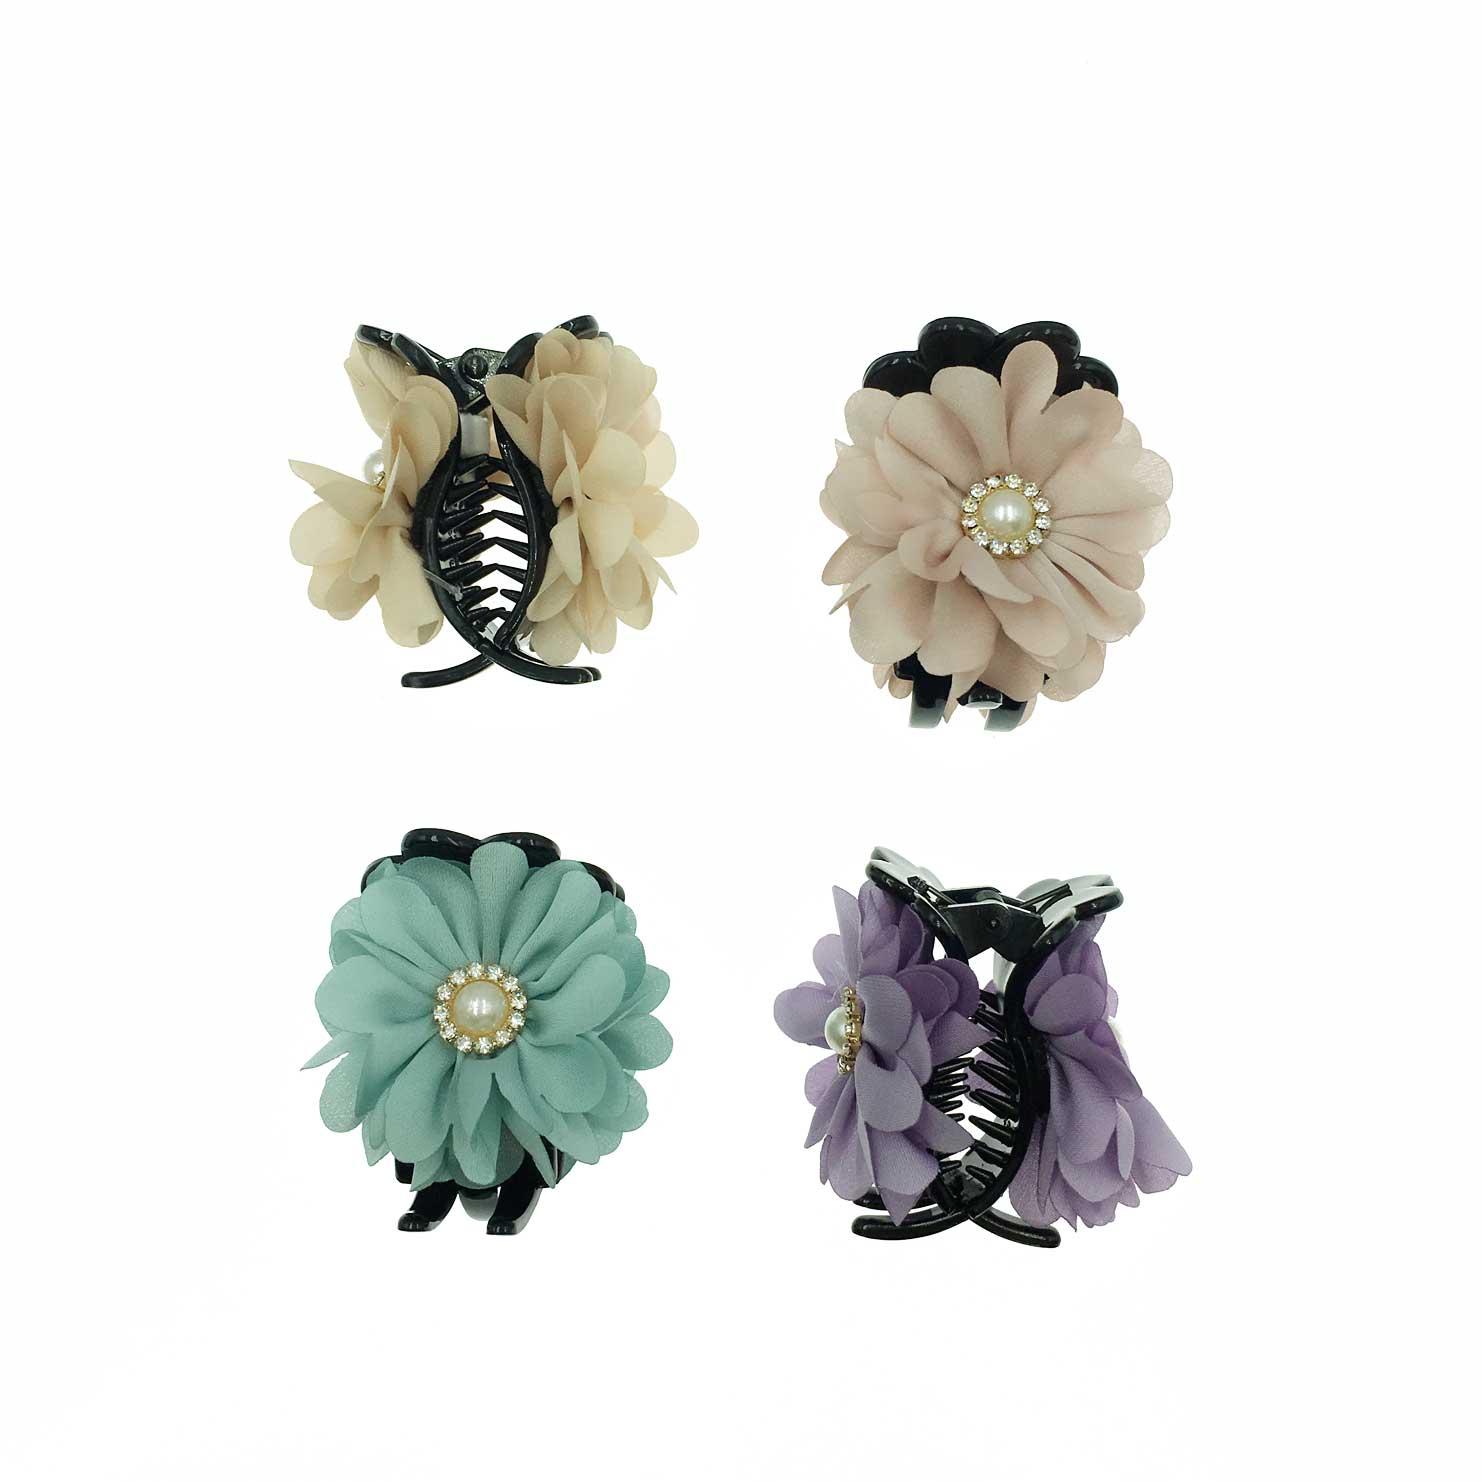 韓國 花卉系 素色 花朵 珍珠 水鑽 復古感 4色 鯊魚夾三爪夾